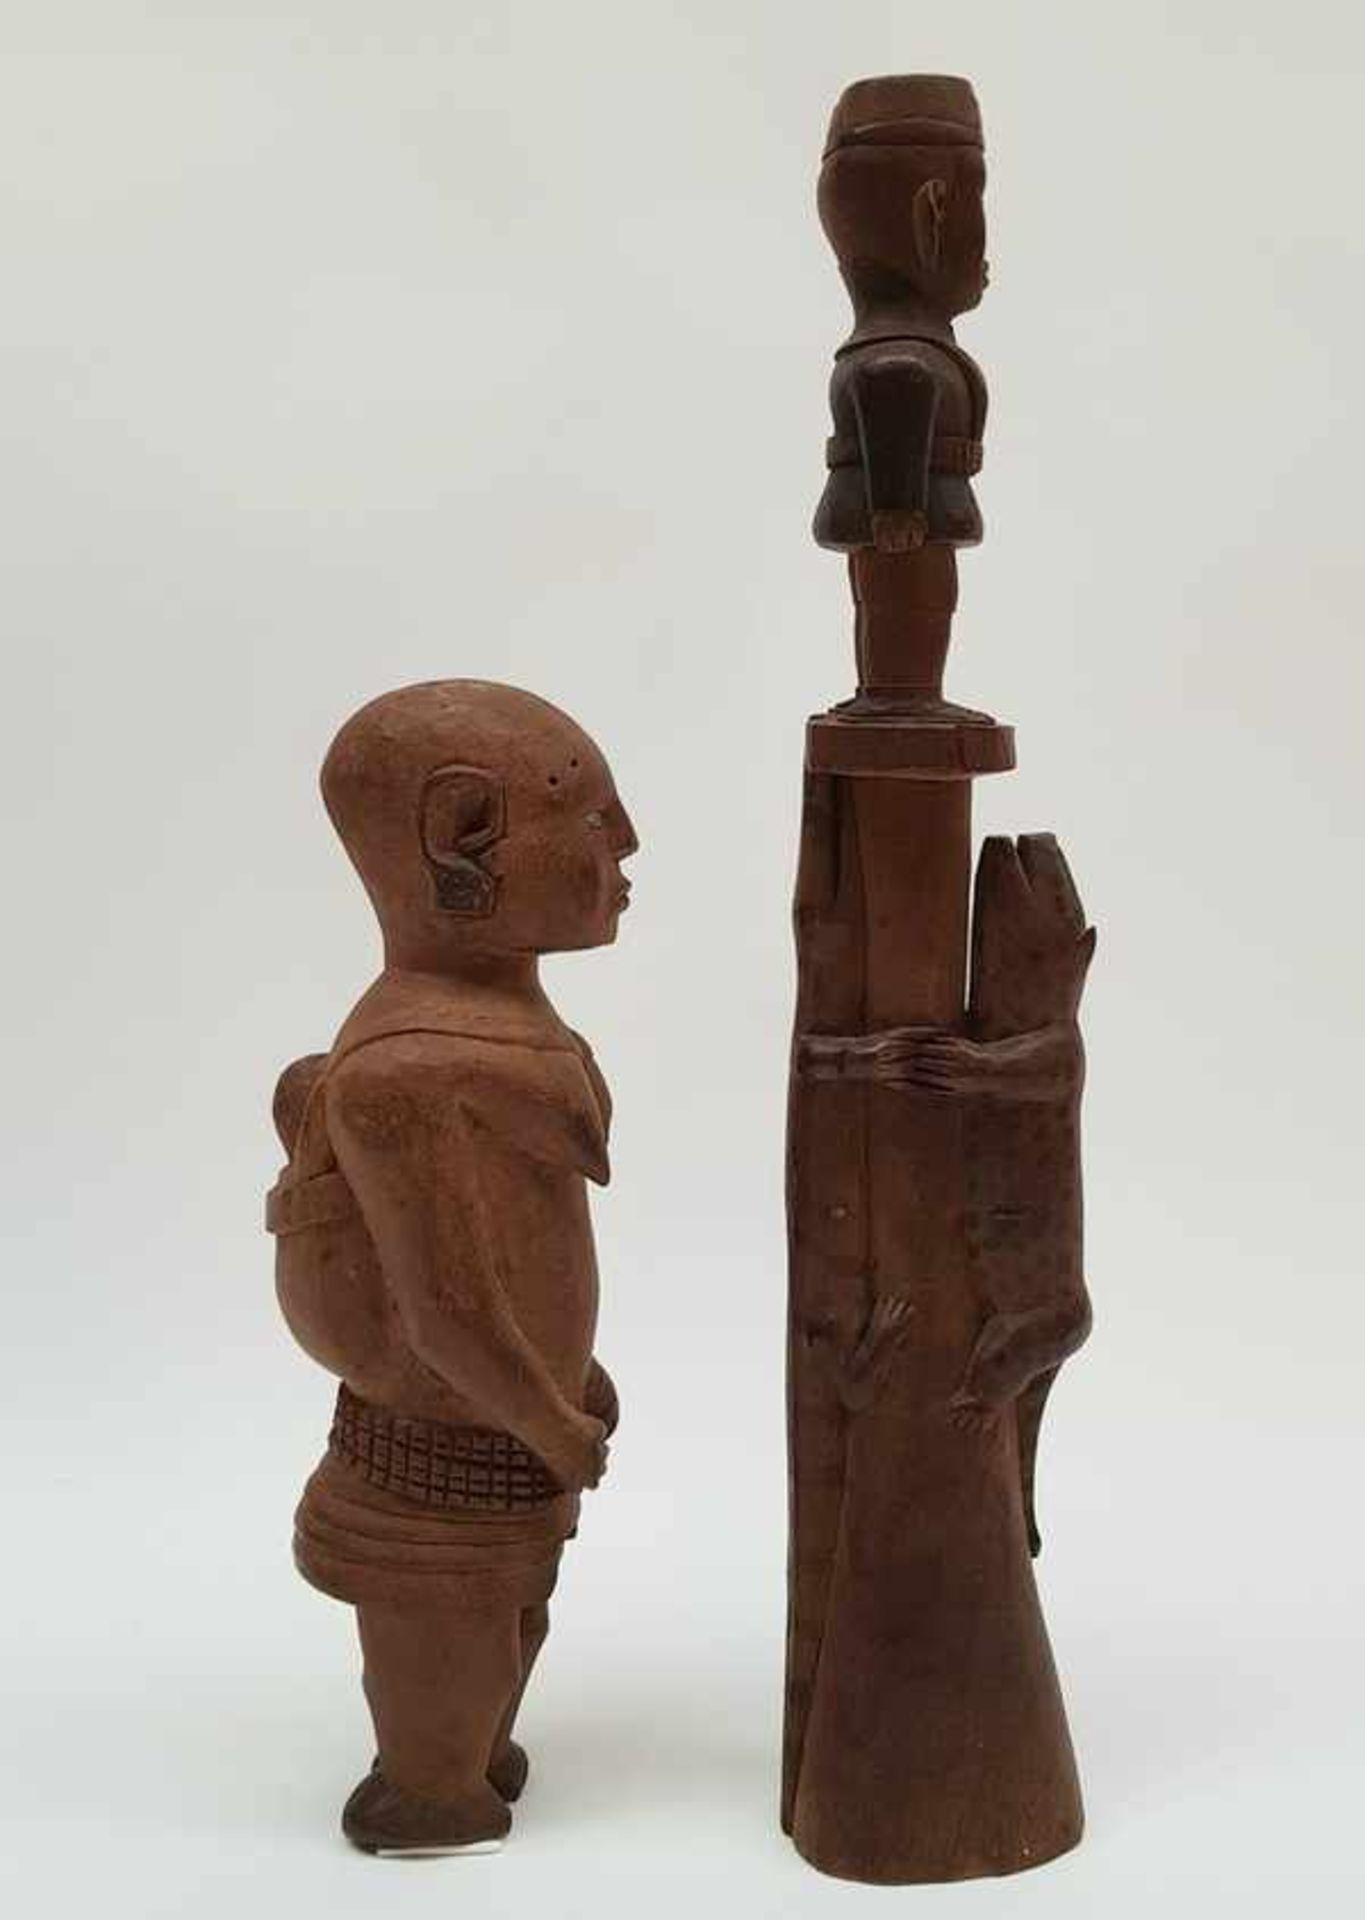 Los 155 - (Etnografica) Hout, beelden Neder-Kongo Vili begin 20e eeuw